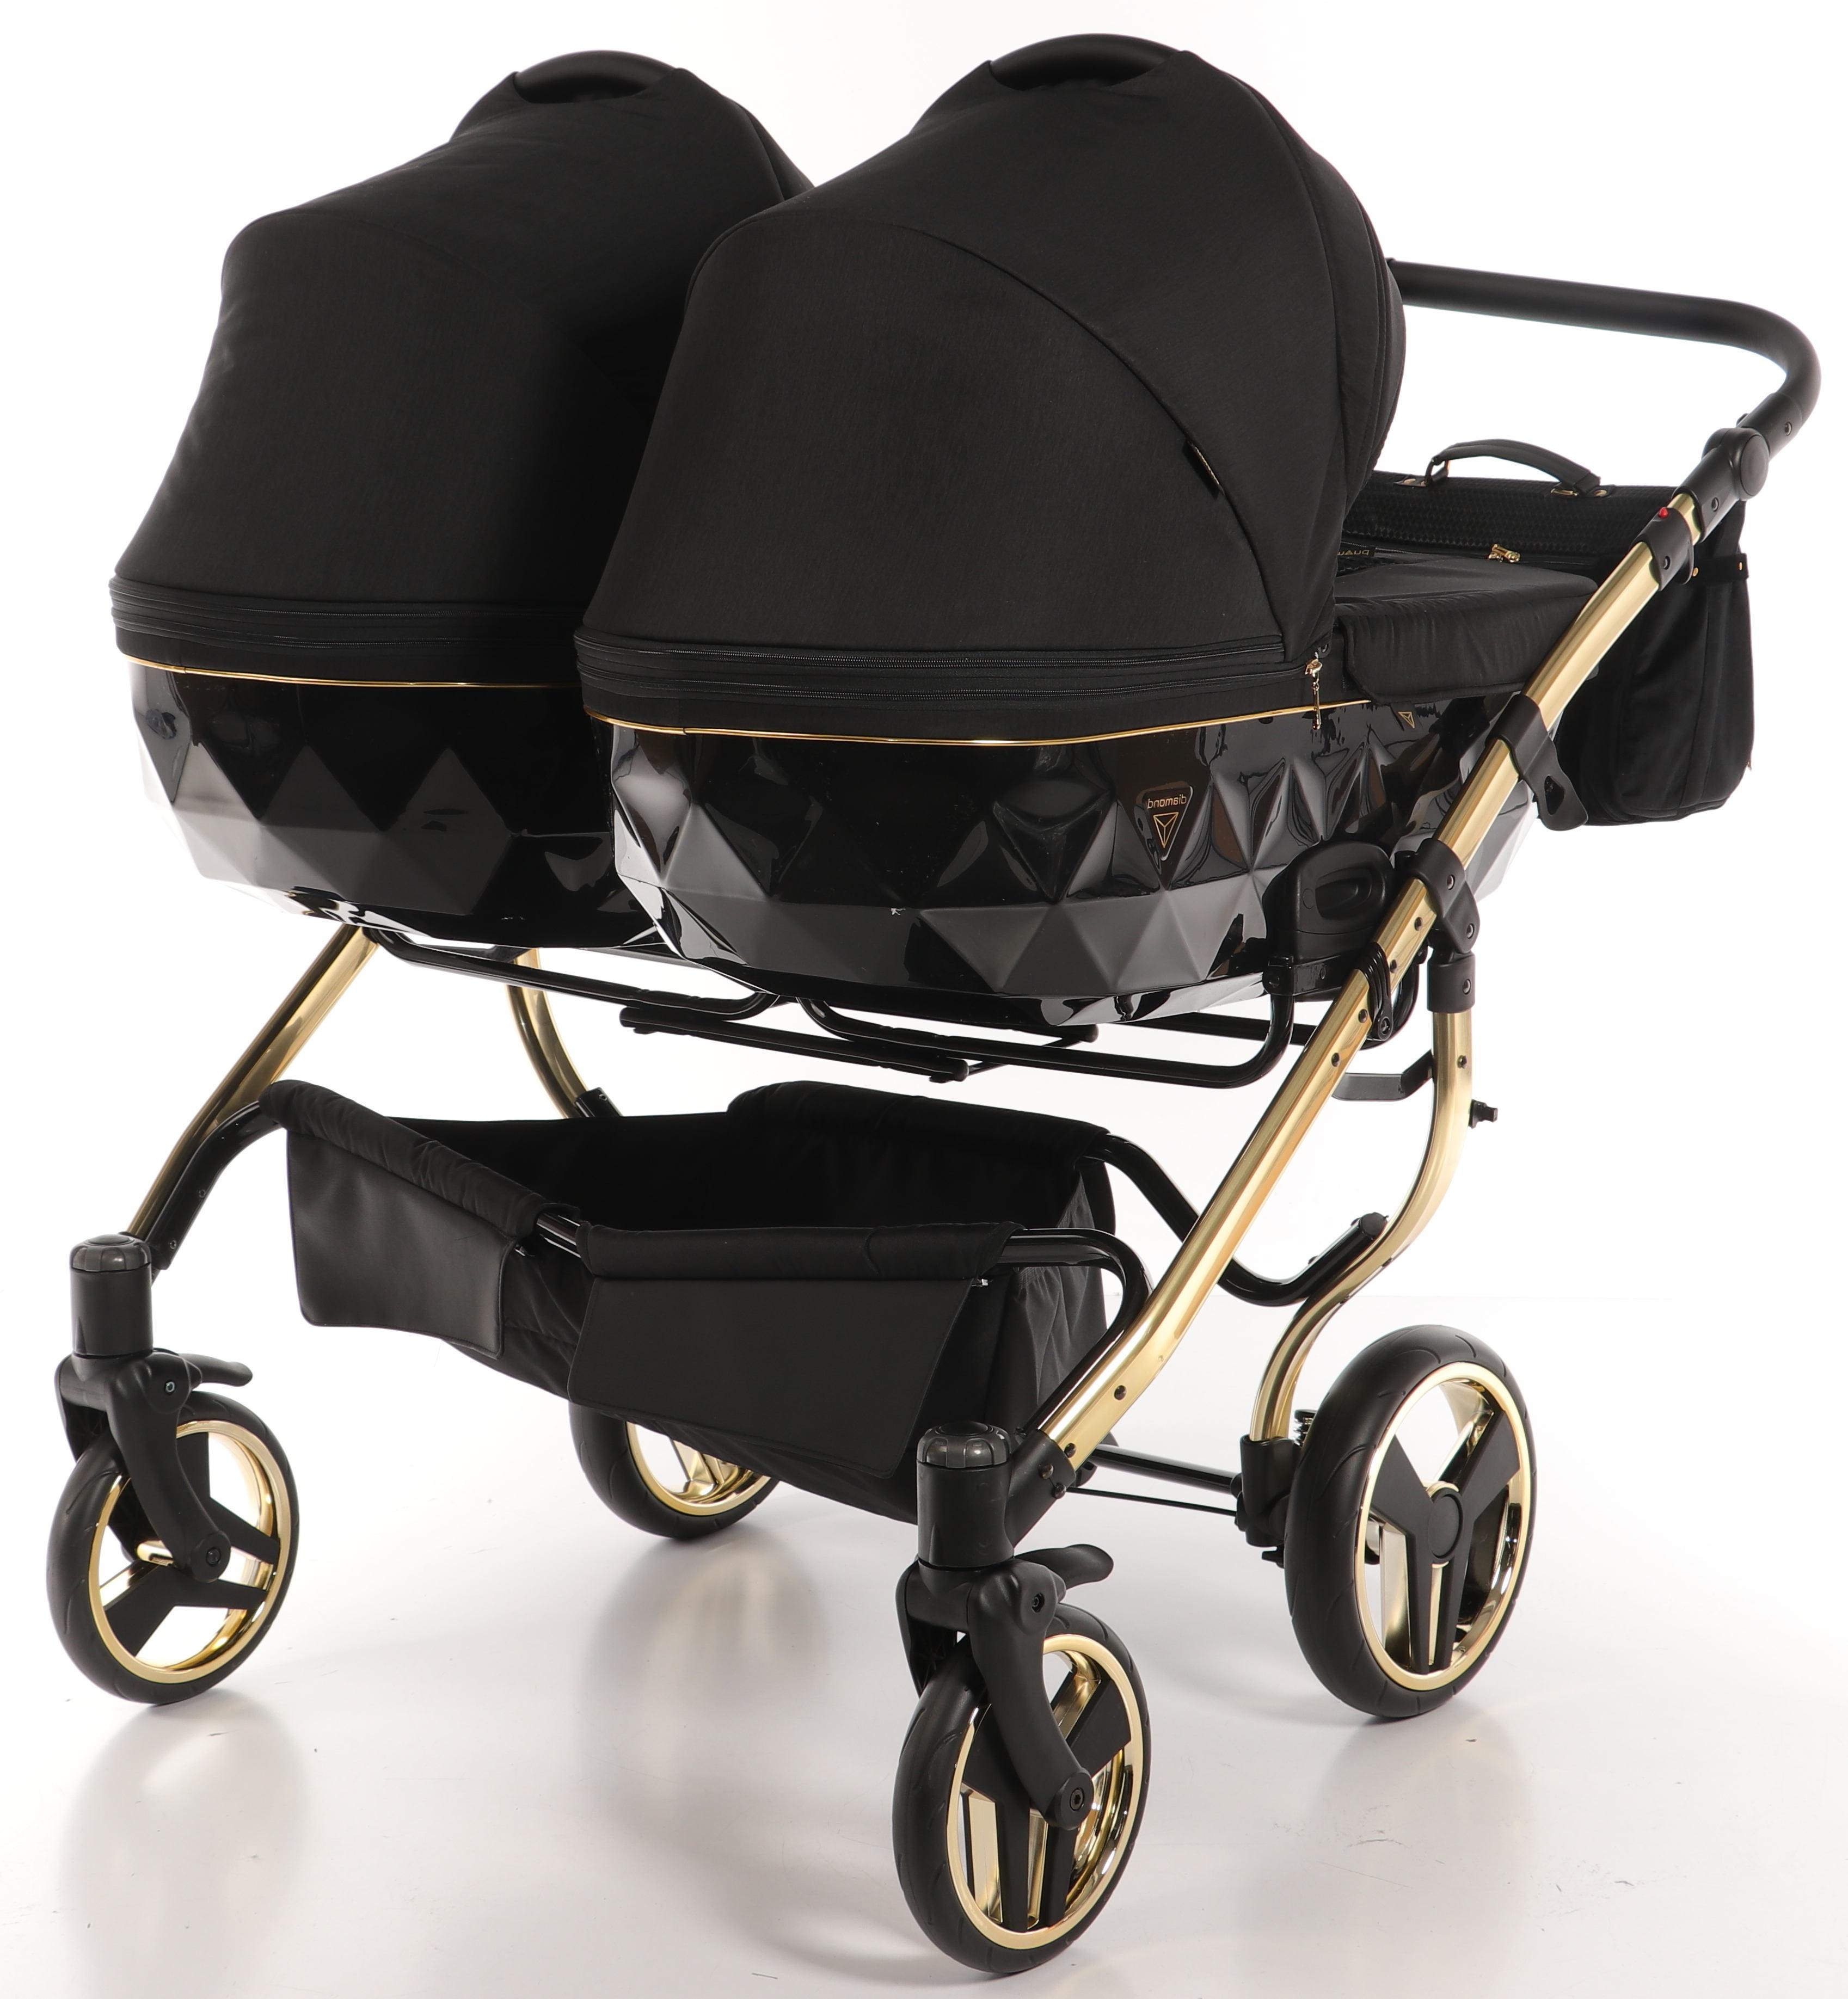 wielofunkcyjny wózek bliźniaczy Junama Diamod S Line Duo nowoczesny elegancki wózek dziecięcy Dadi Shop